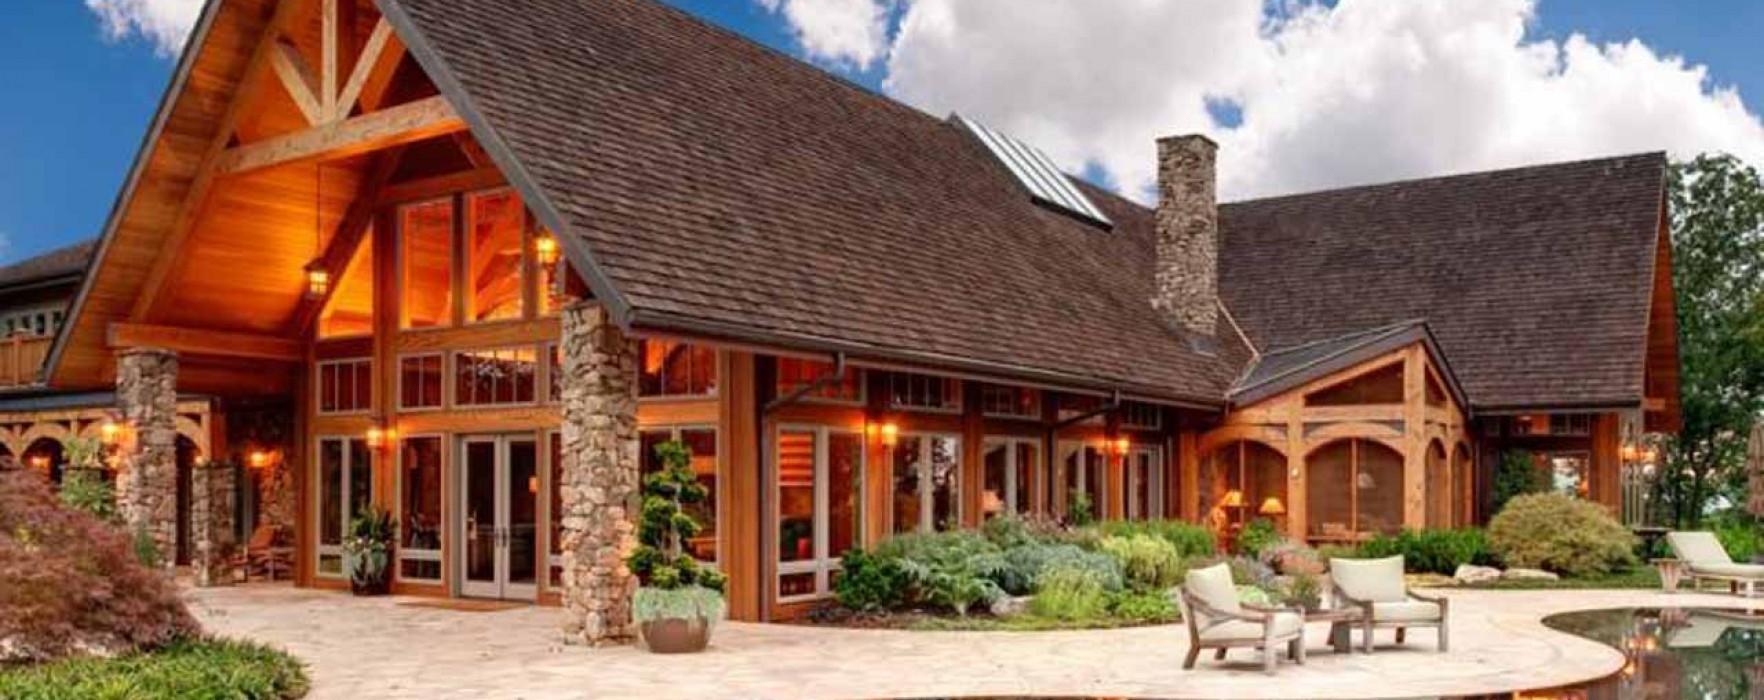 Scaldare le case in legno blockhaus for Durata case in legno